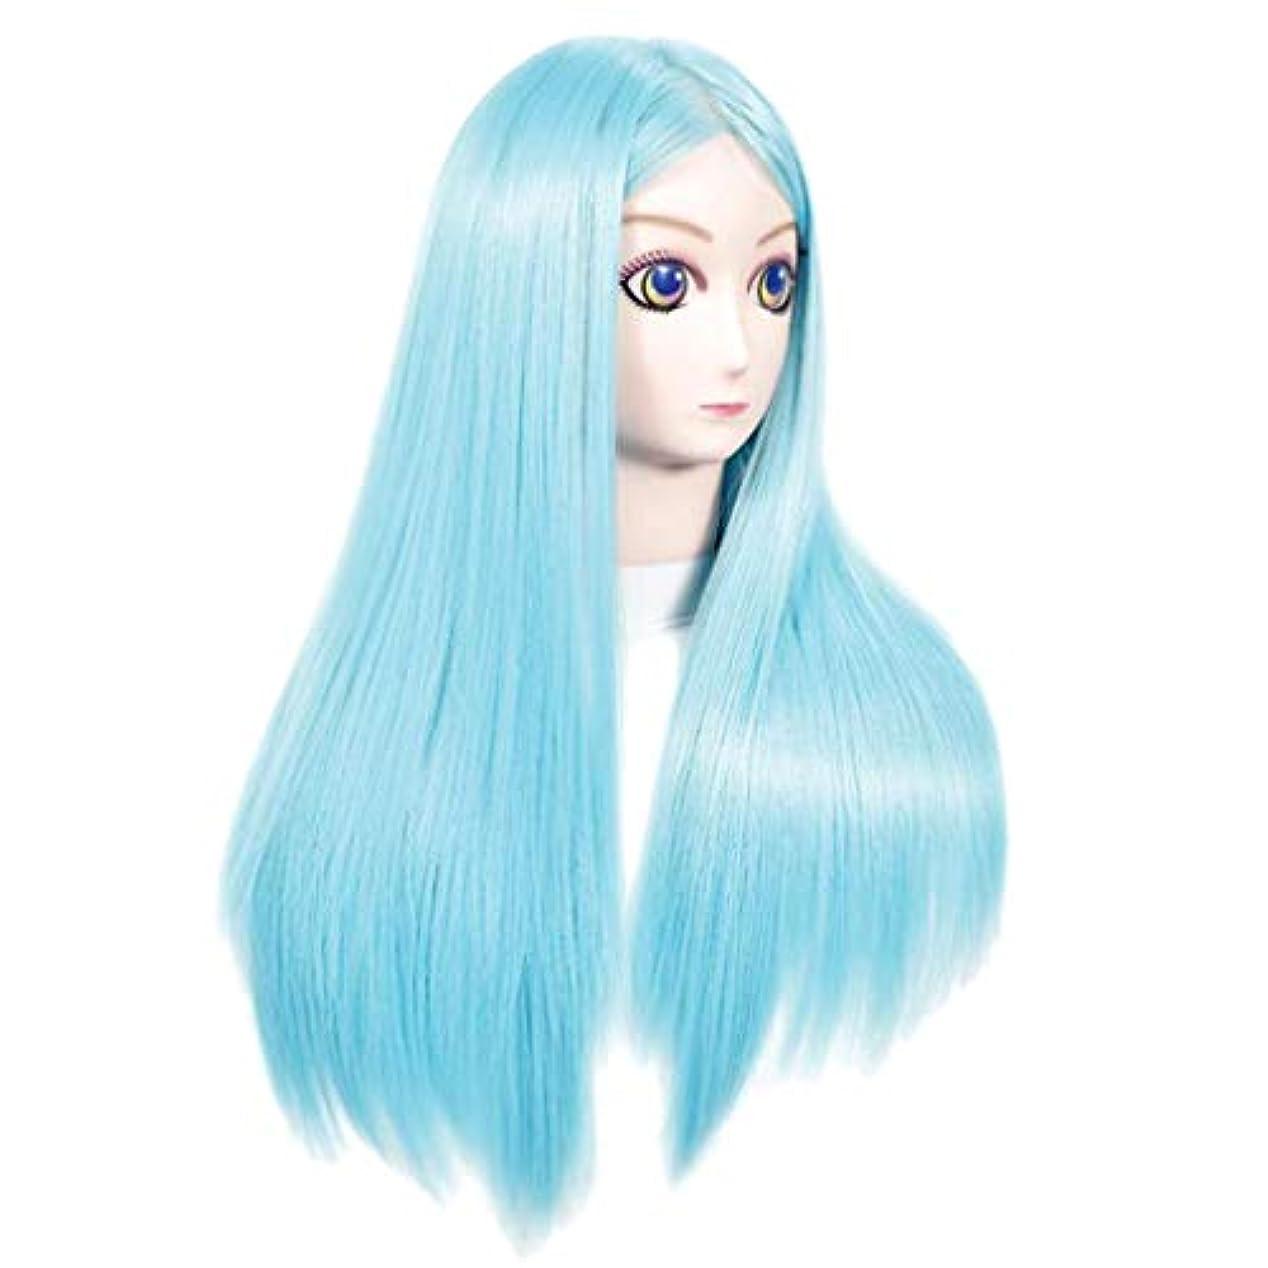 抑制シエスタテーブルマネキンヘッド ウィッグ 合成かつら 理髪実践 トレーニング 練習スタンド 全2色 - ライトブルー